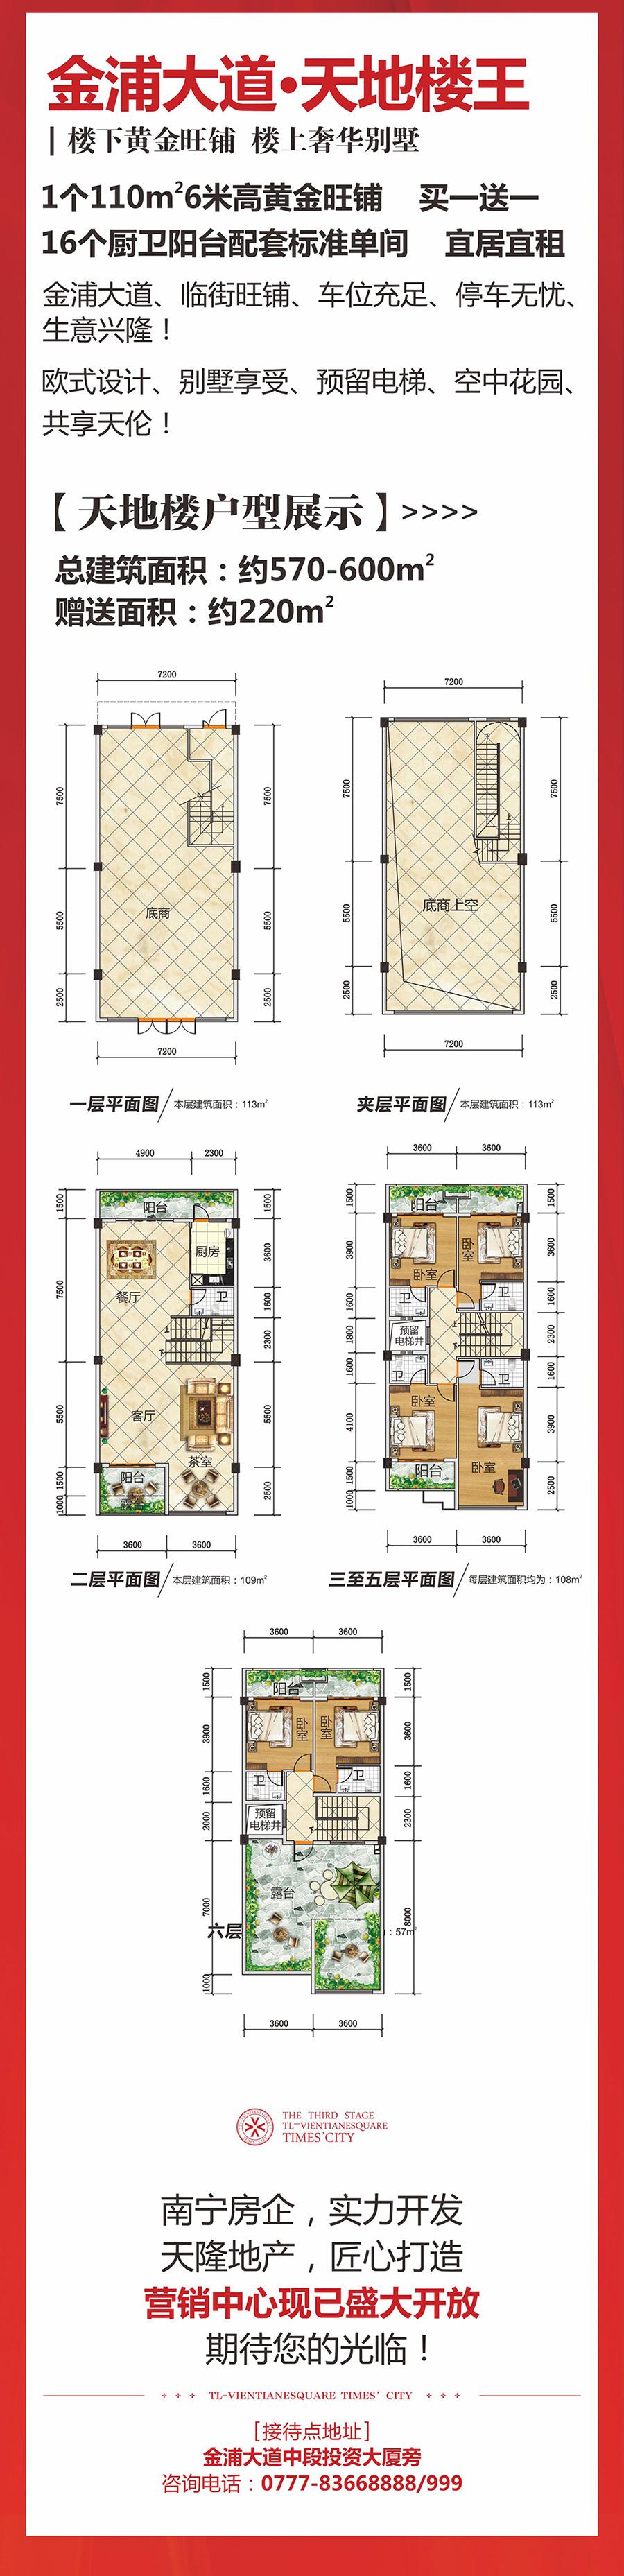 6天隆时代广场|买三房得五房,买四房得六房,实得价3280元㎡起